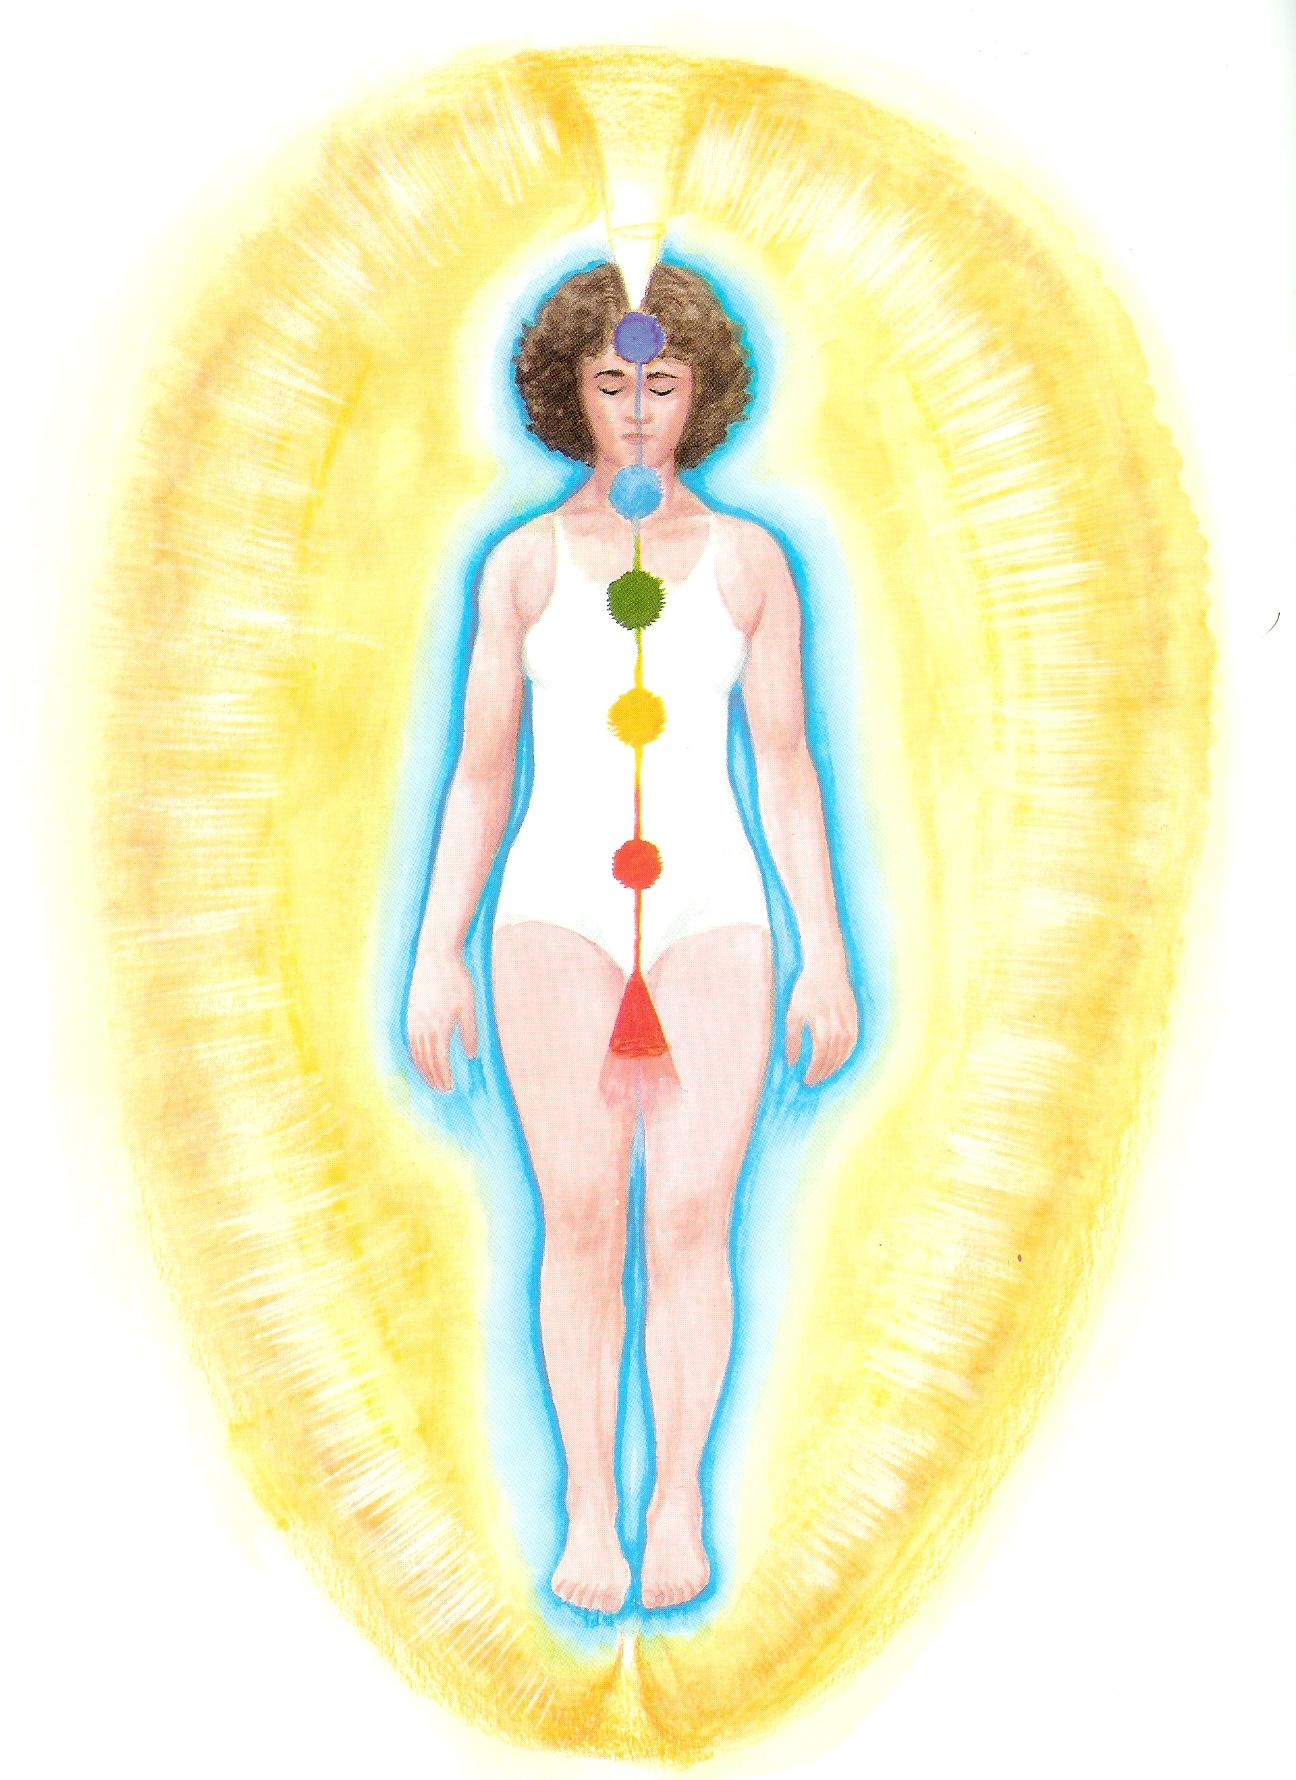 МЕРНОСТИ МИРА И 13 ЛУЧЕЙ из статьи Кобры Aura-after-healing